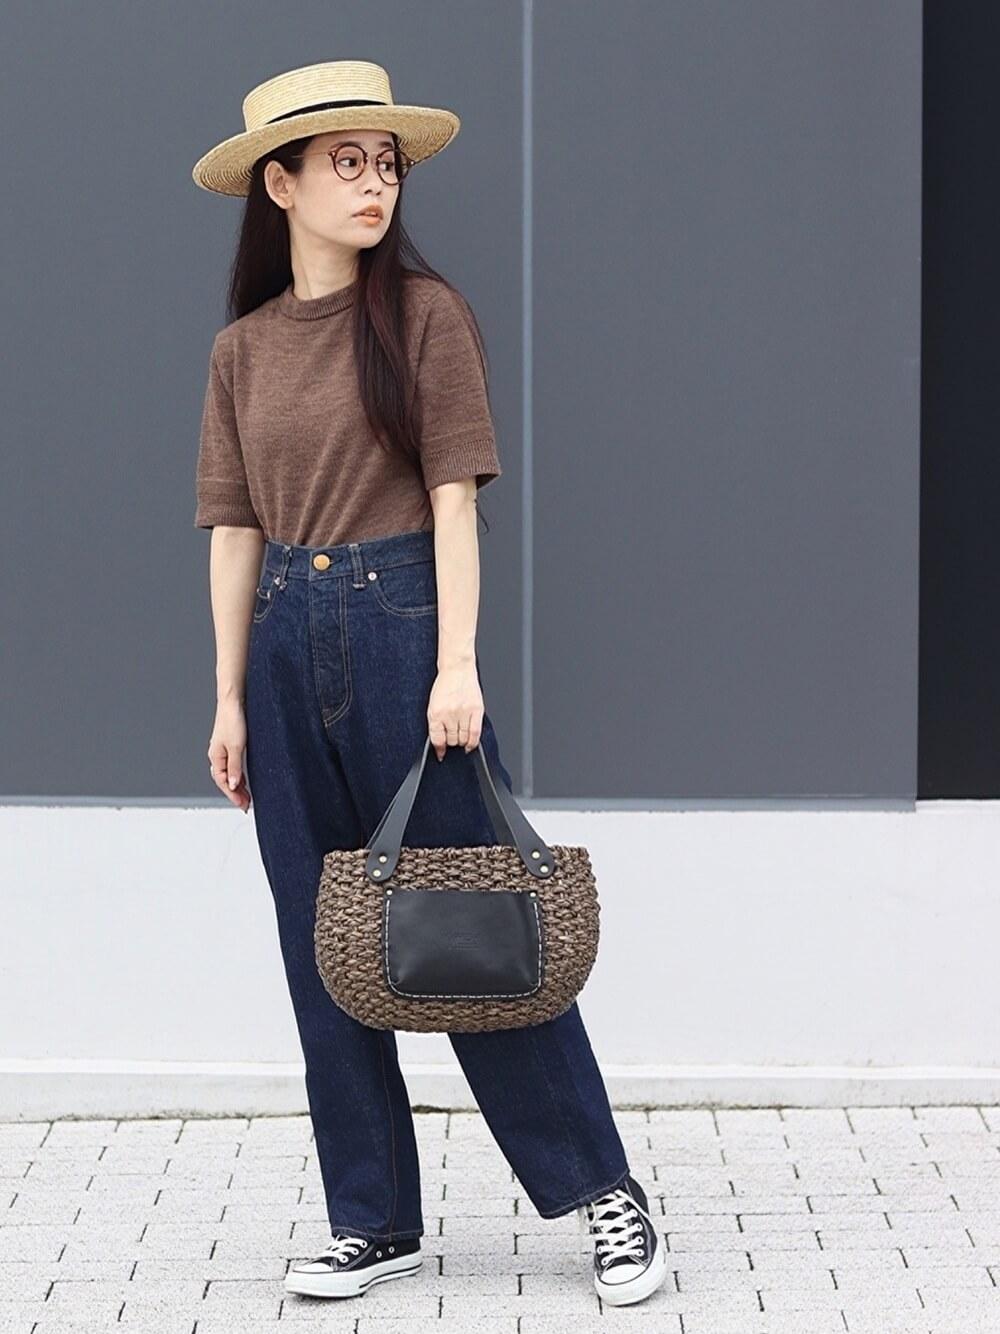 カンカン帽×ブラウンのTシャツ×デニムパンツ×黒のスニーカー